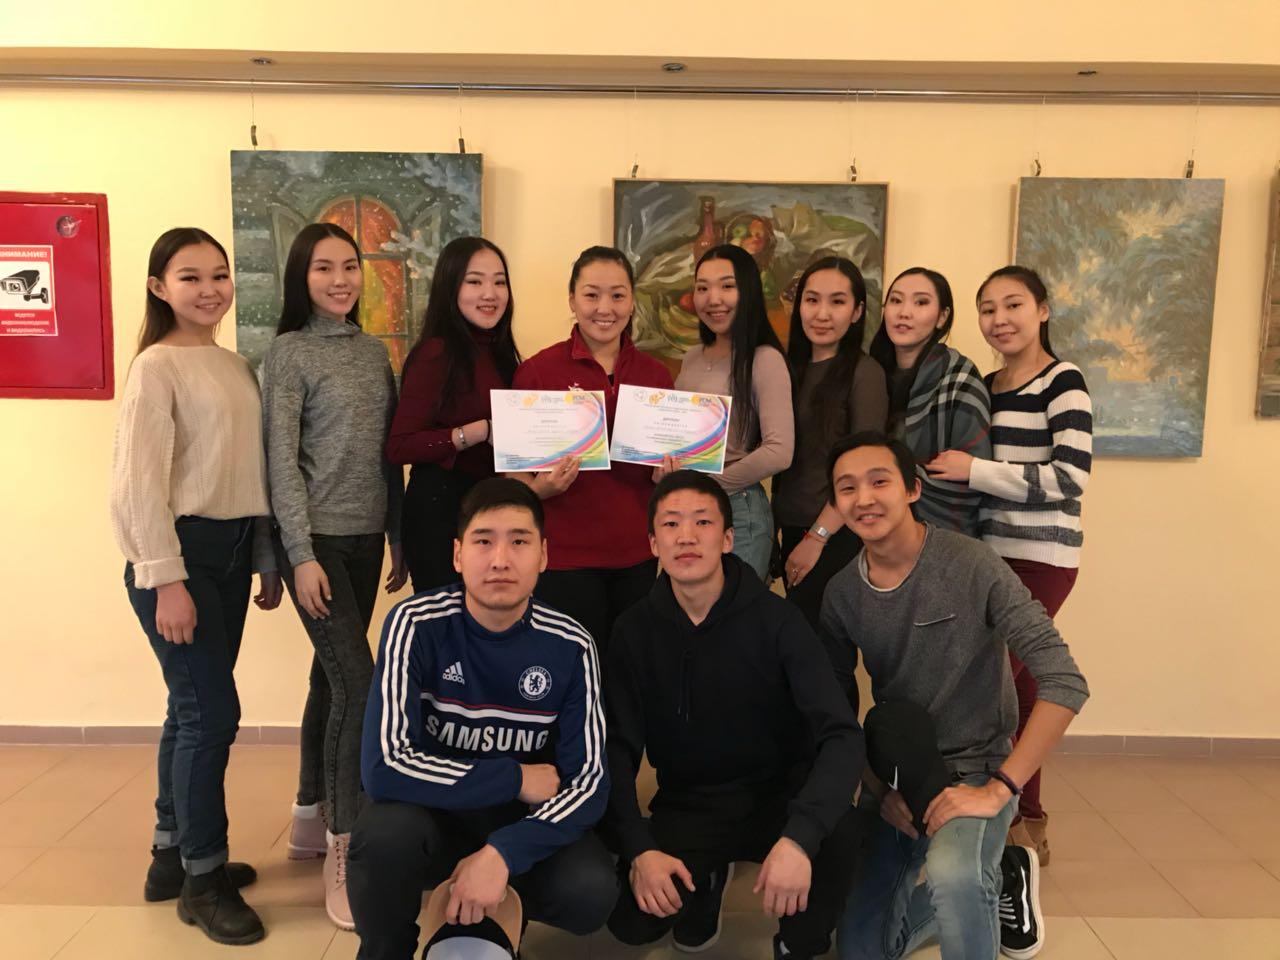 В КЦ СВФУ «Сергеляхские огни» состоялся фестиваль творчества студенческой молодежи